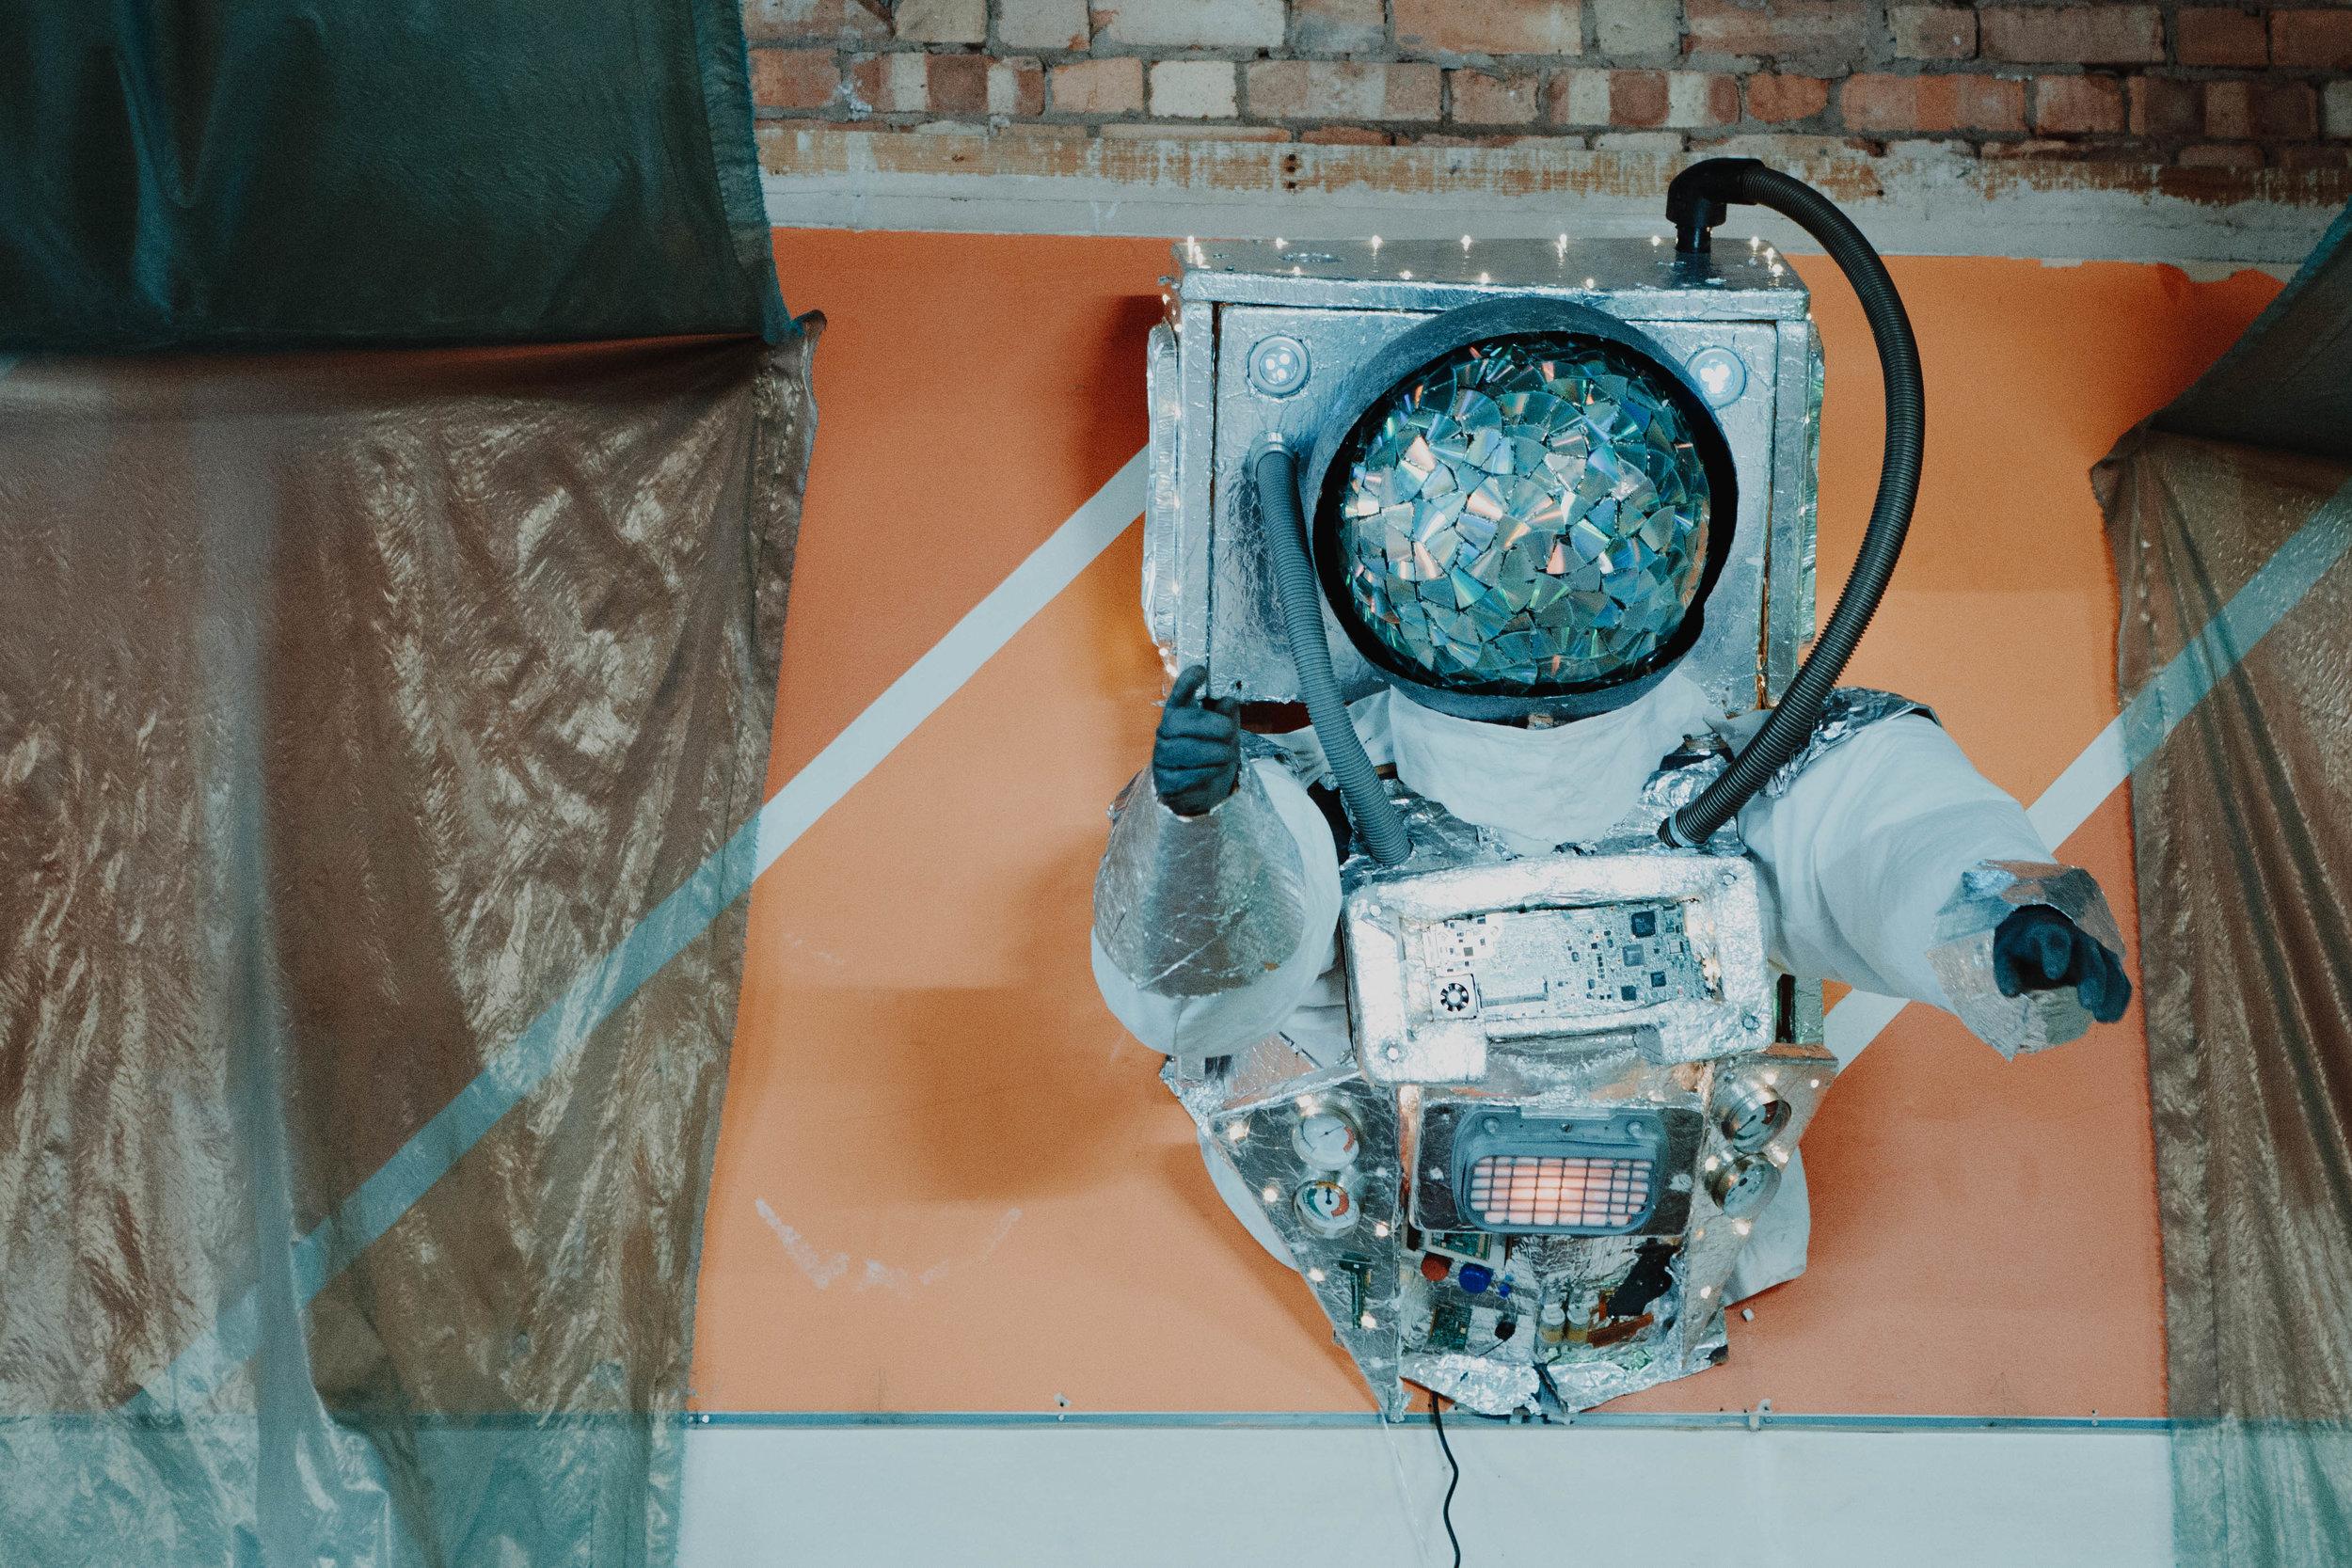 disco astronaut